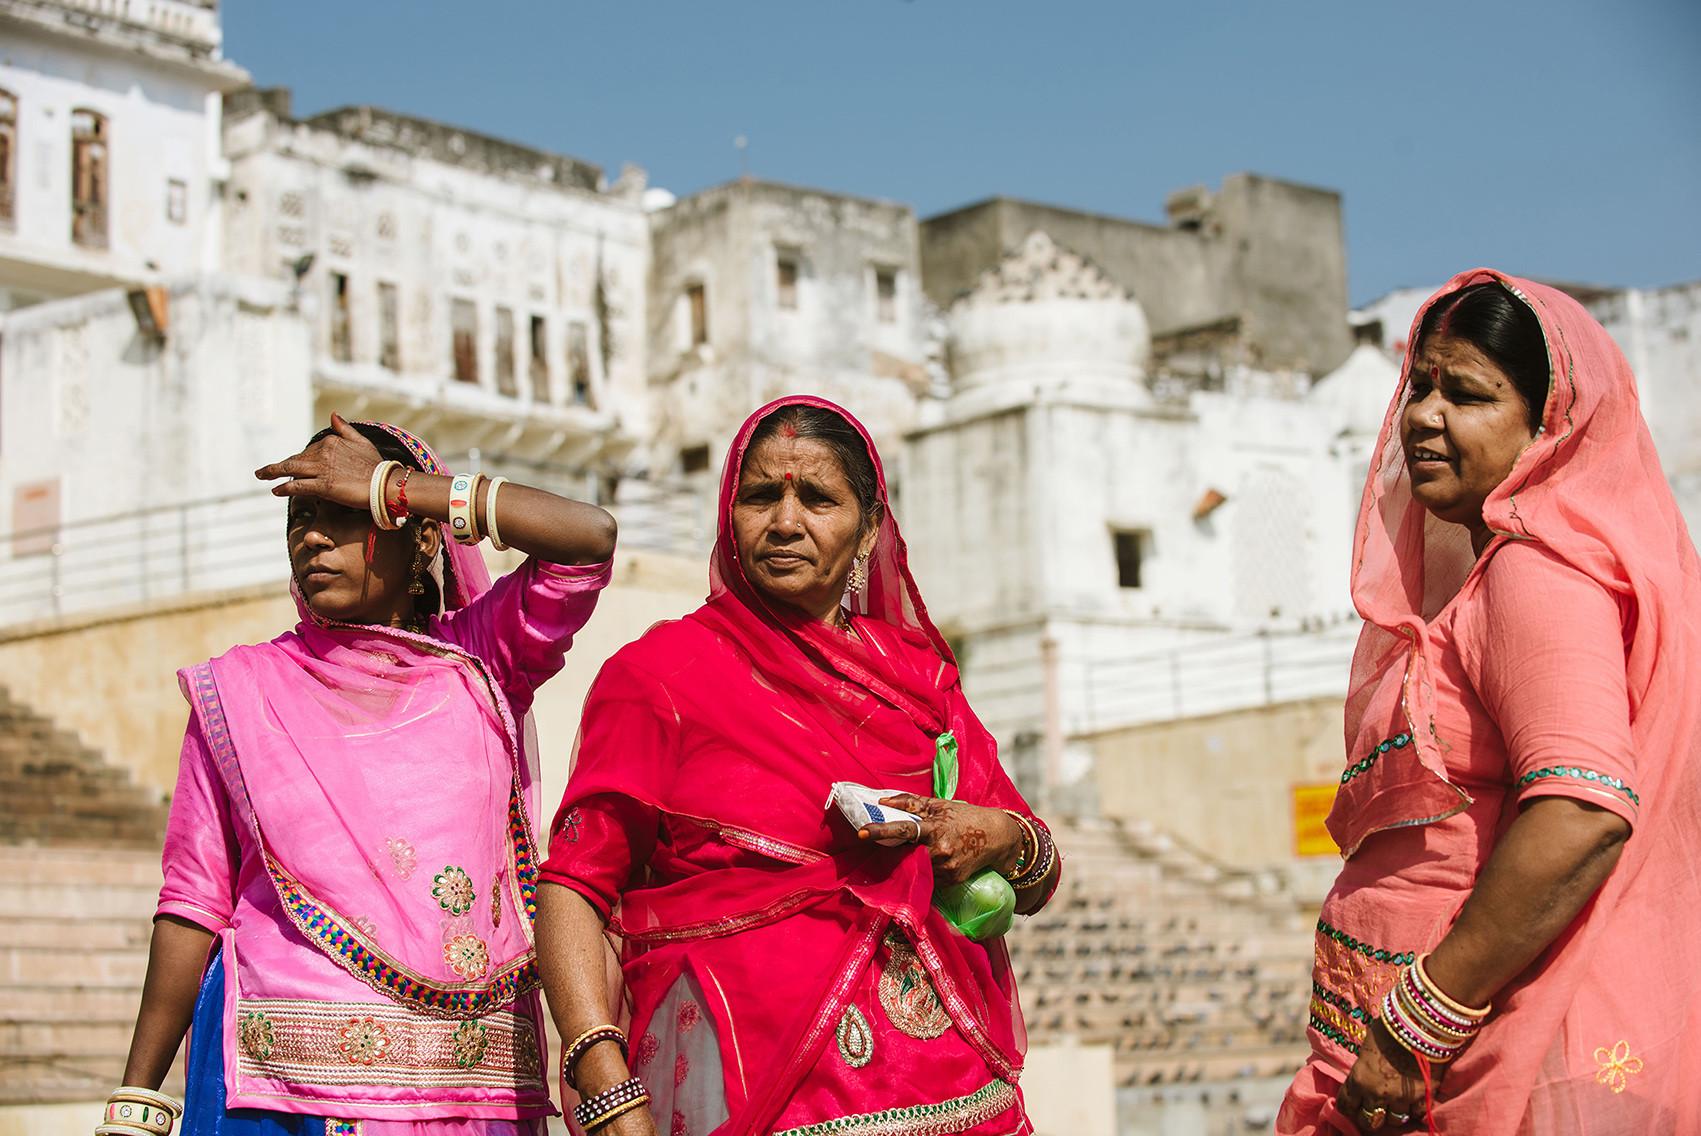 4-#india